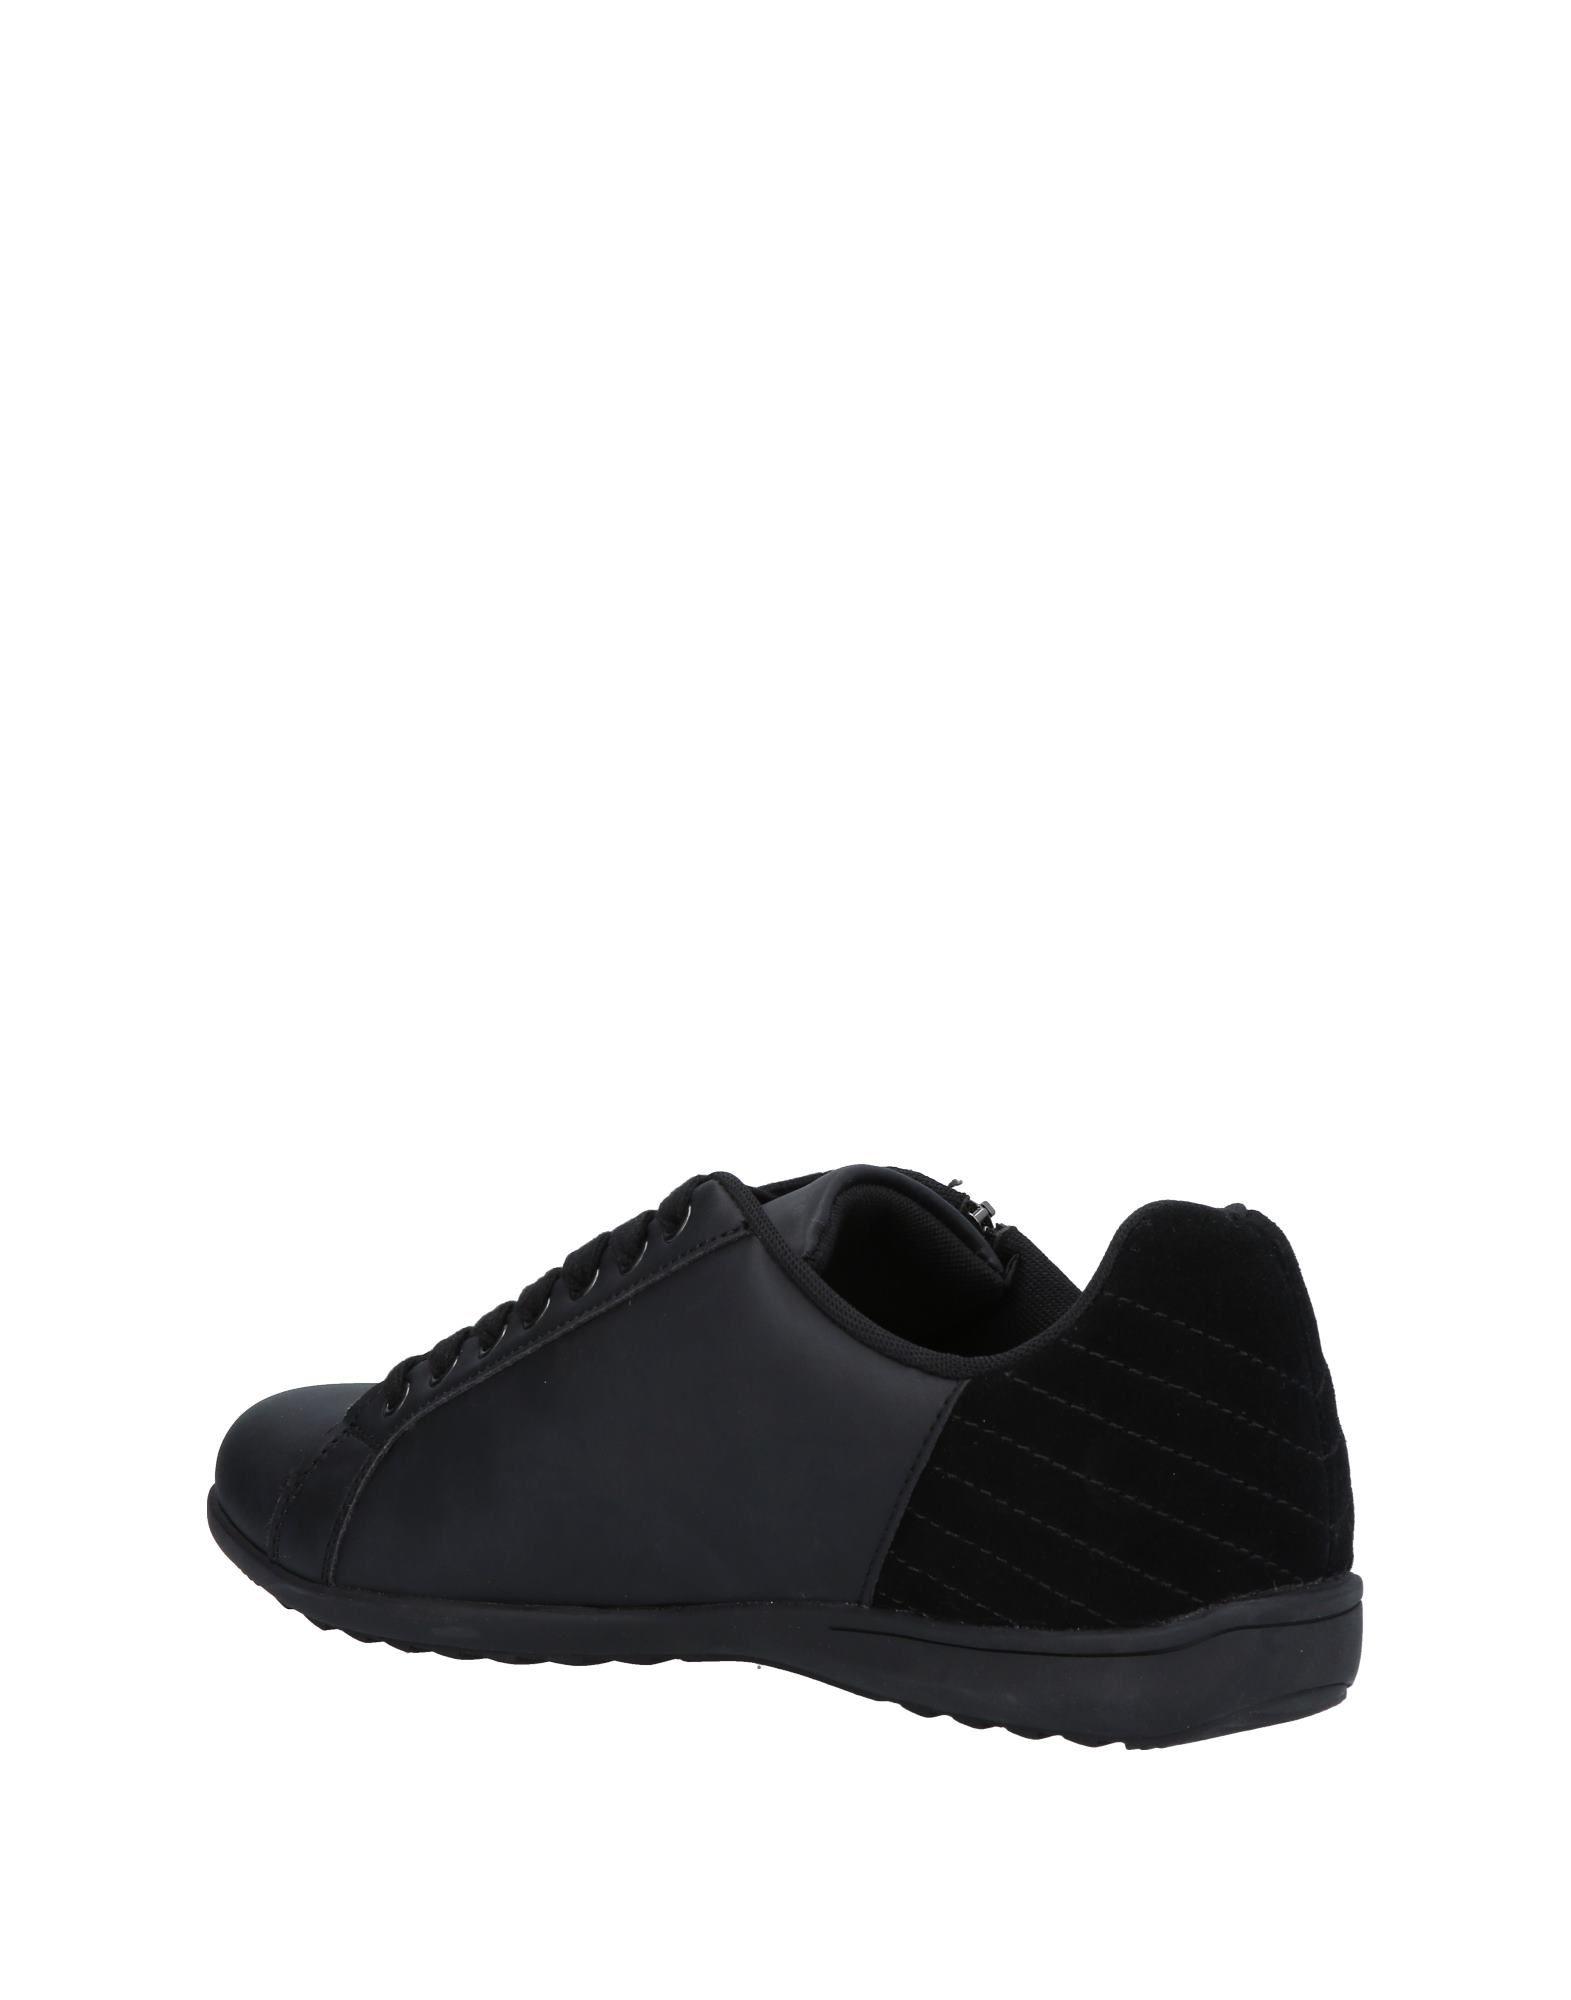 Rabatt Schuhe echte Schuhe Rabatt Versace Jeans Sneakers Herren  11465294VU 2a50e5